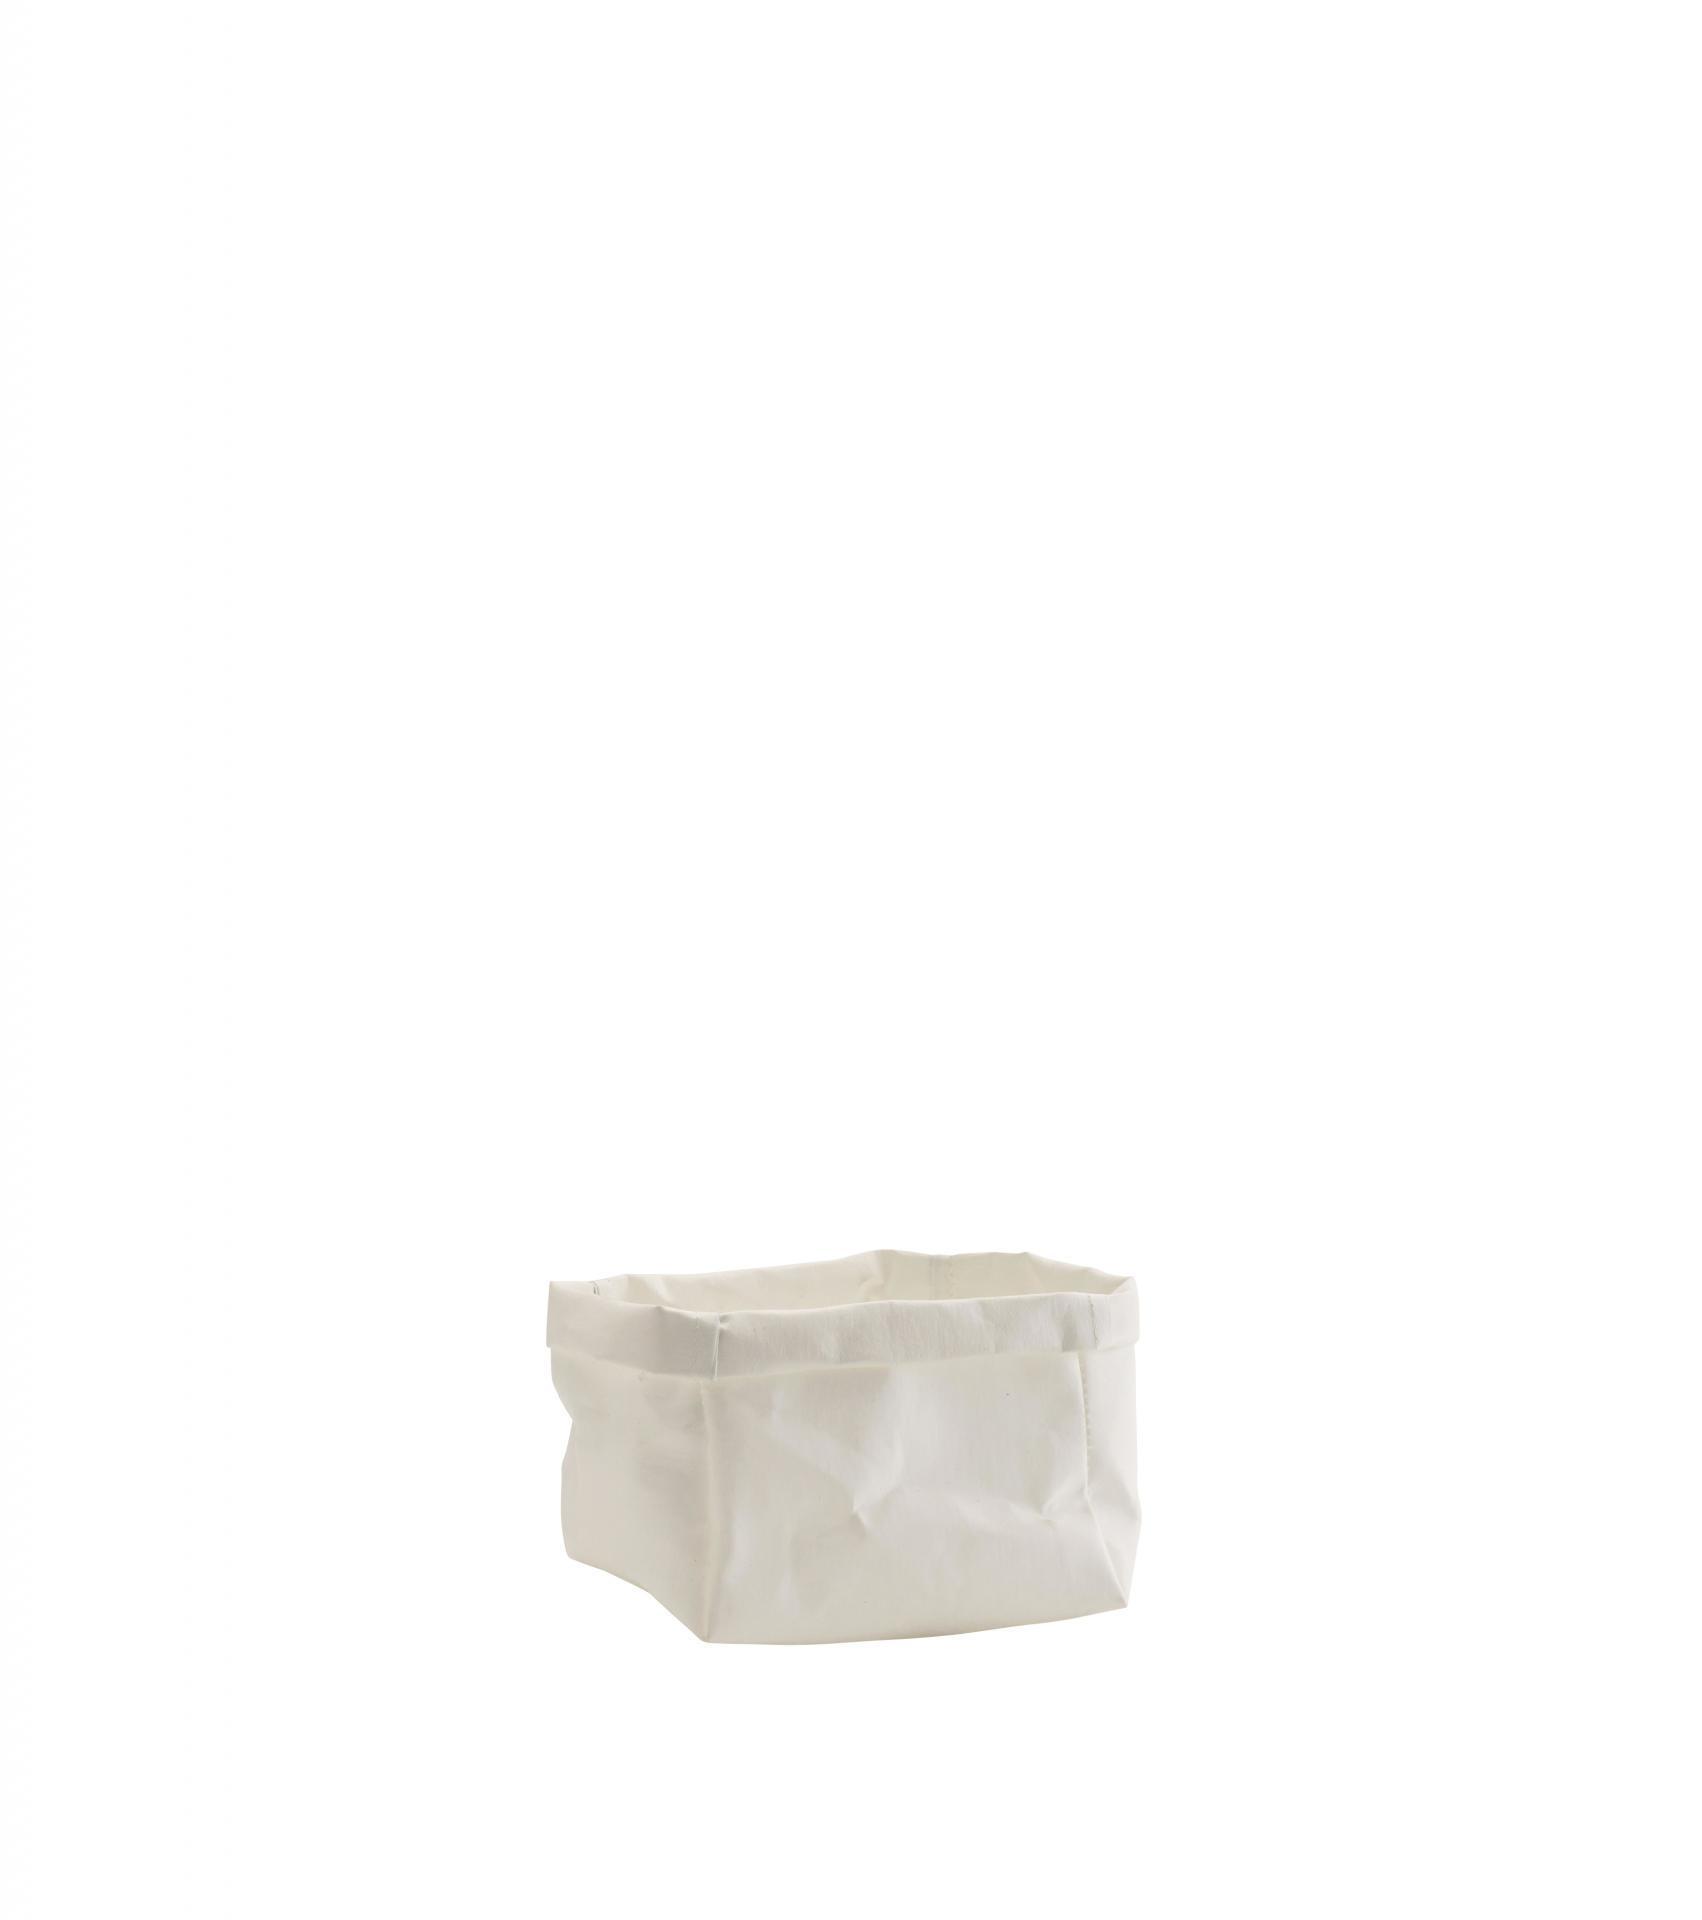 MADAM STOLTZ Papírový box White 14 x 10 cm, bílá barva, papír